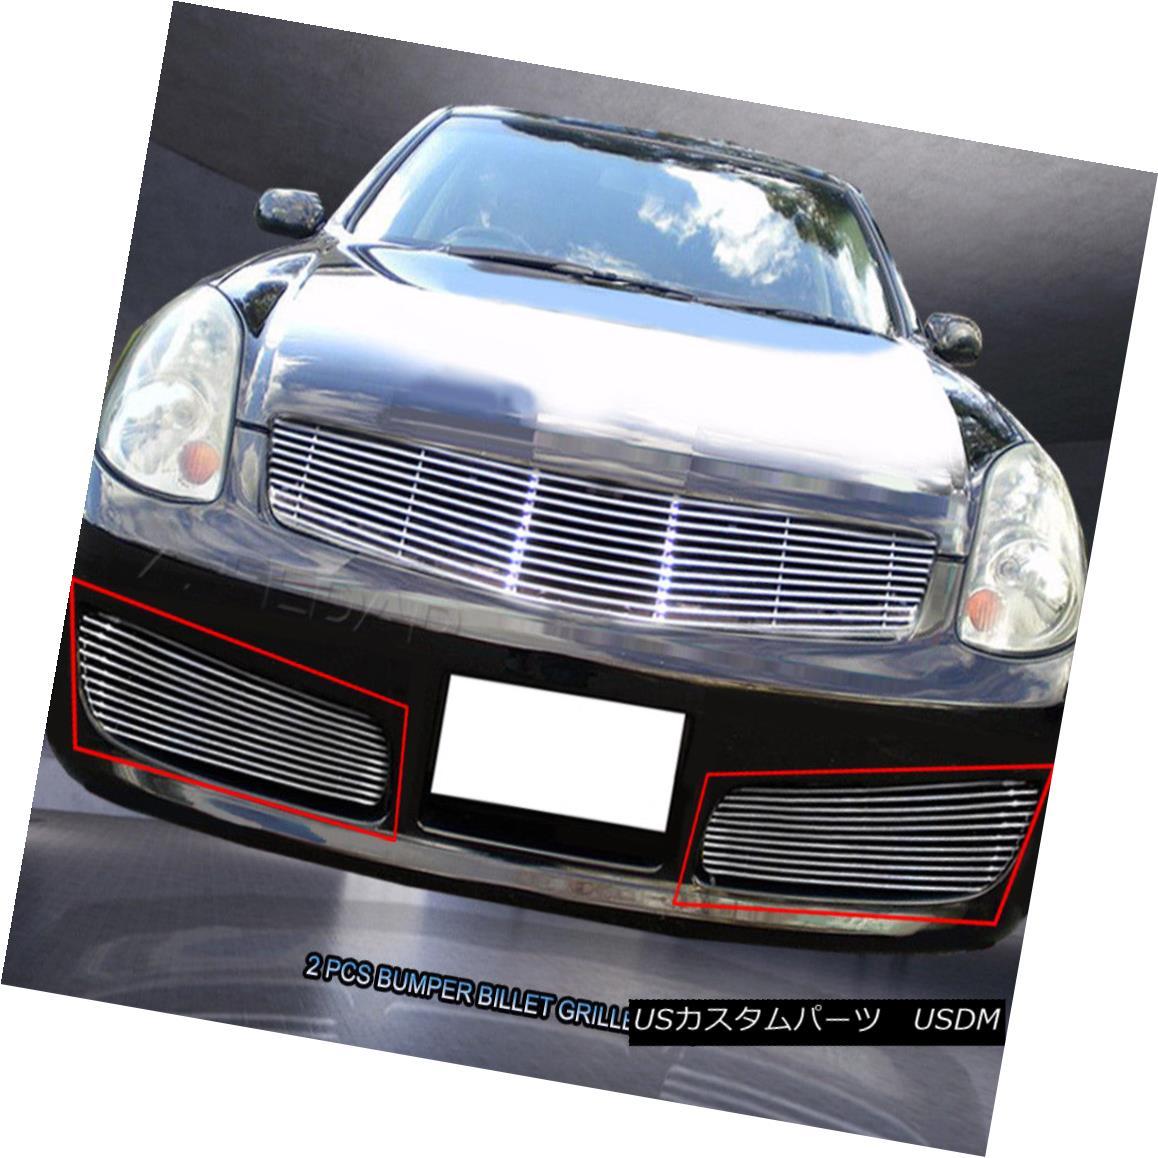 グリル Fedar Fits 2003-2004 Infiniti G35 Sedan Polished Lower Bumper Billet Grille Fedarは2003-2004年をフィットさせますInfiniti G35セダンは磨かれたより低いバンパーのビレットの格子を磨きました